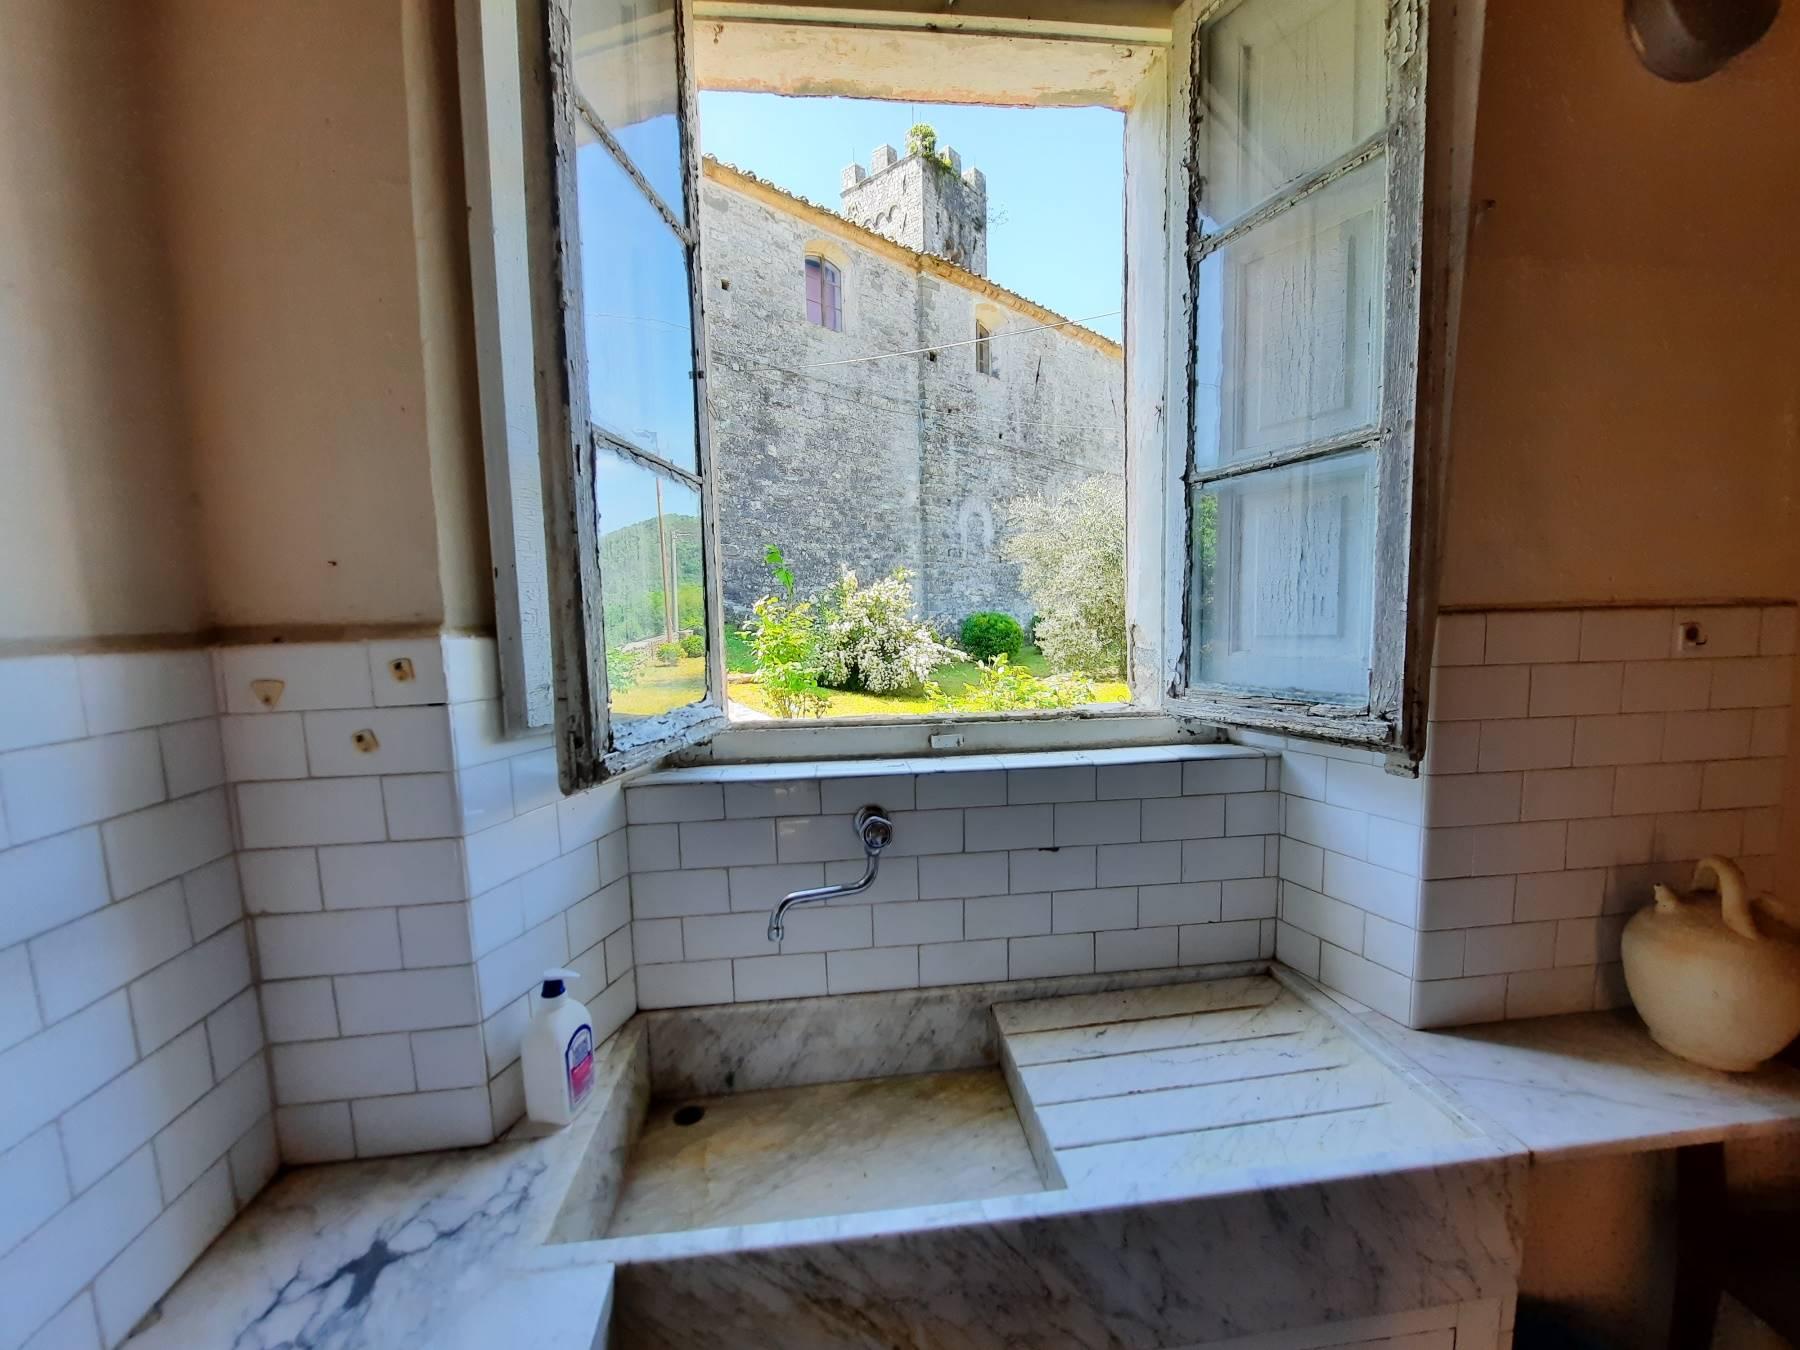 Vista dalla cucina - View from the kitchen